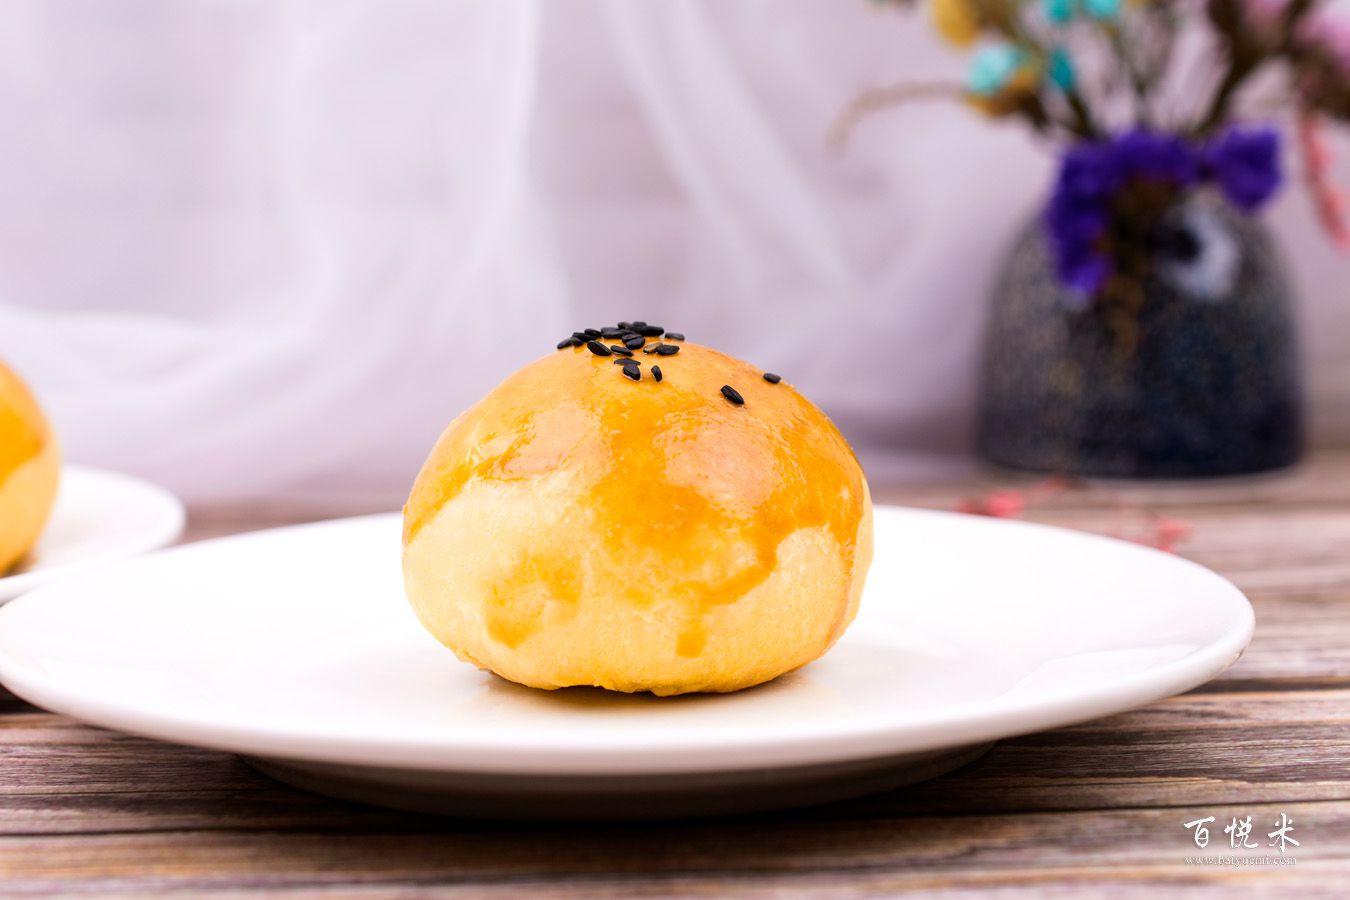 蛋黄酥的做法大全,蛋黄酥西点培训图文教程分享